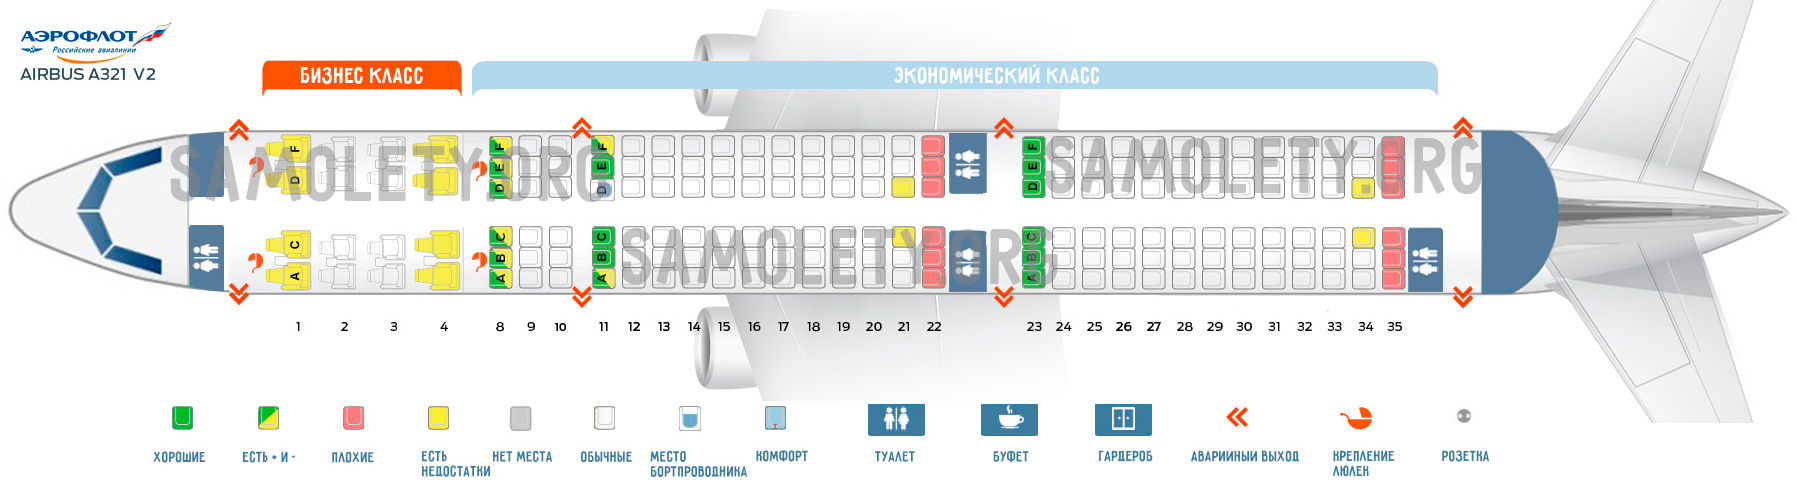 Схема салона Airbus A321 Аэрофлот. Вариант 2